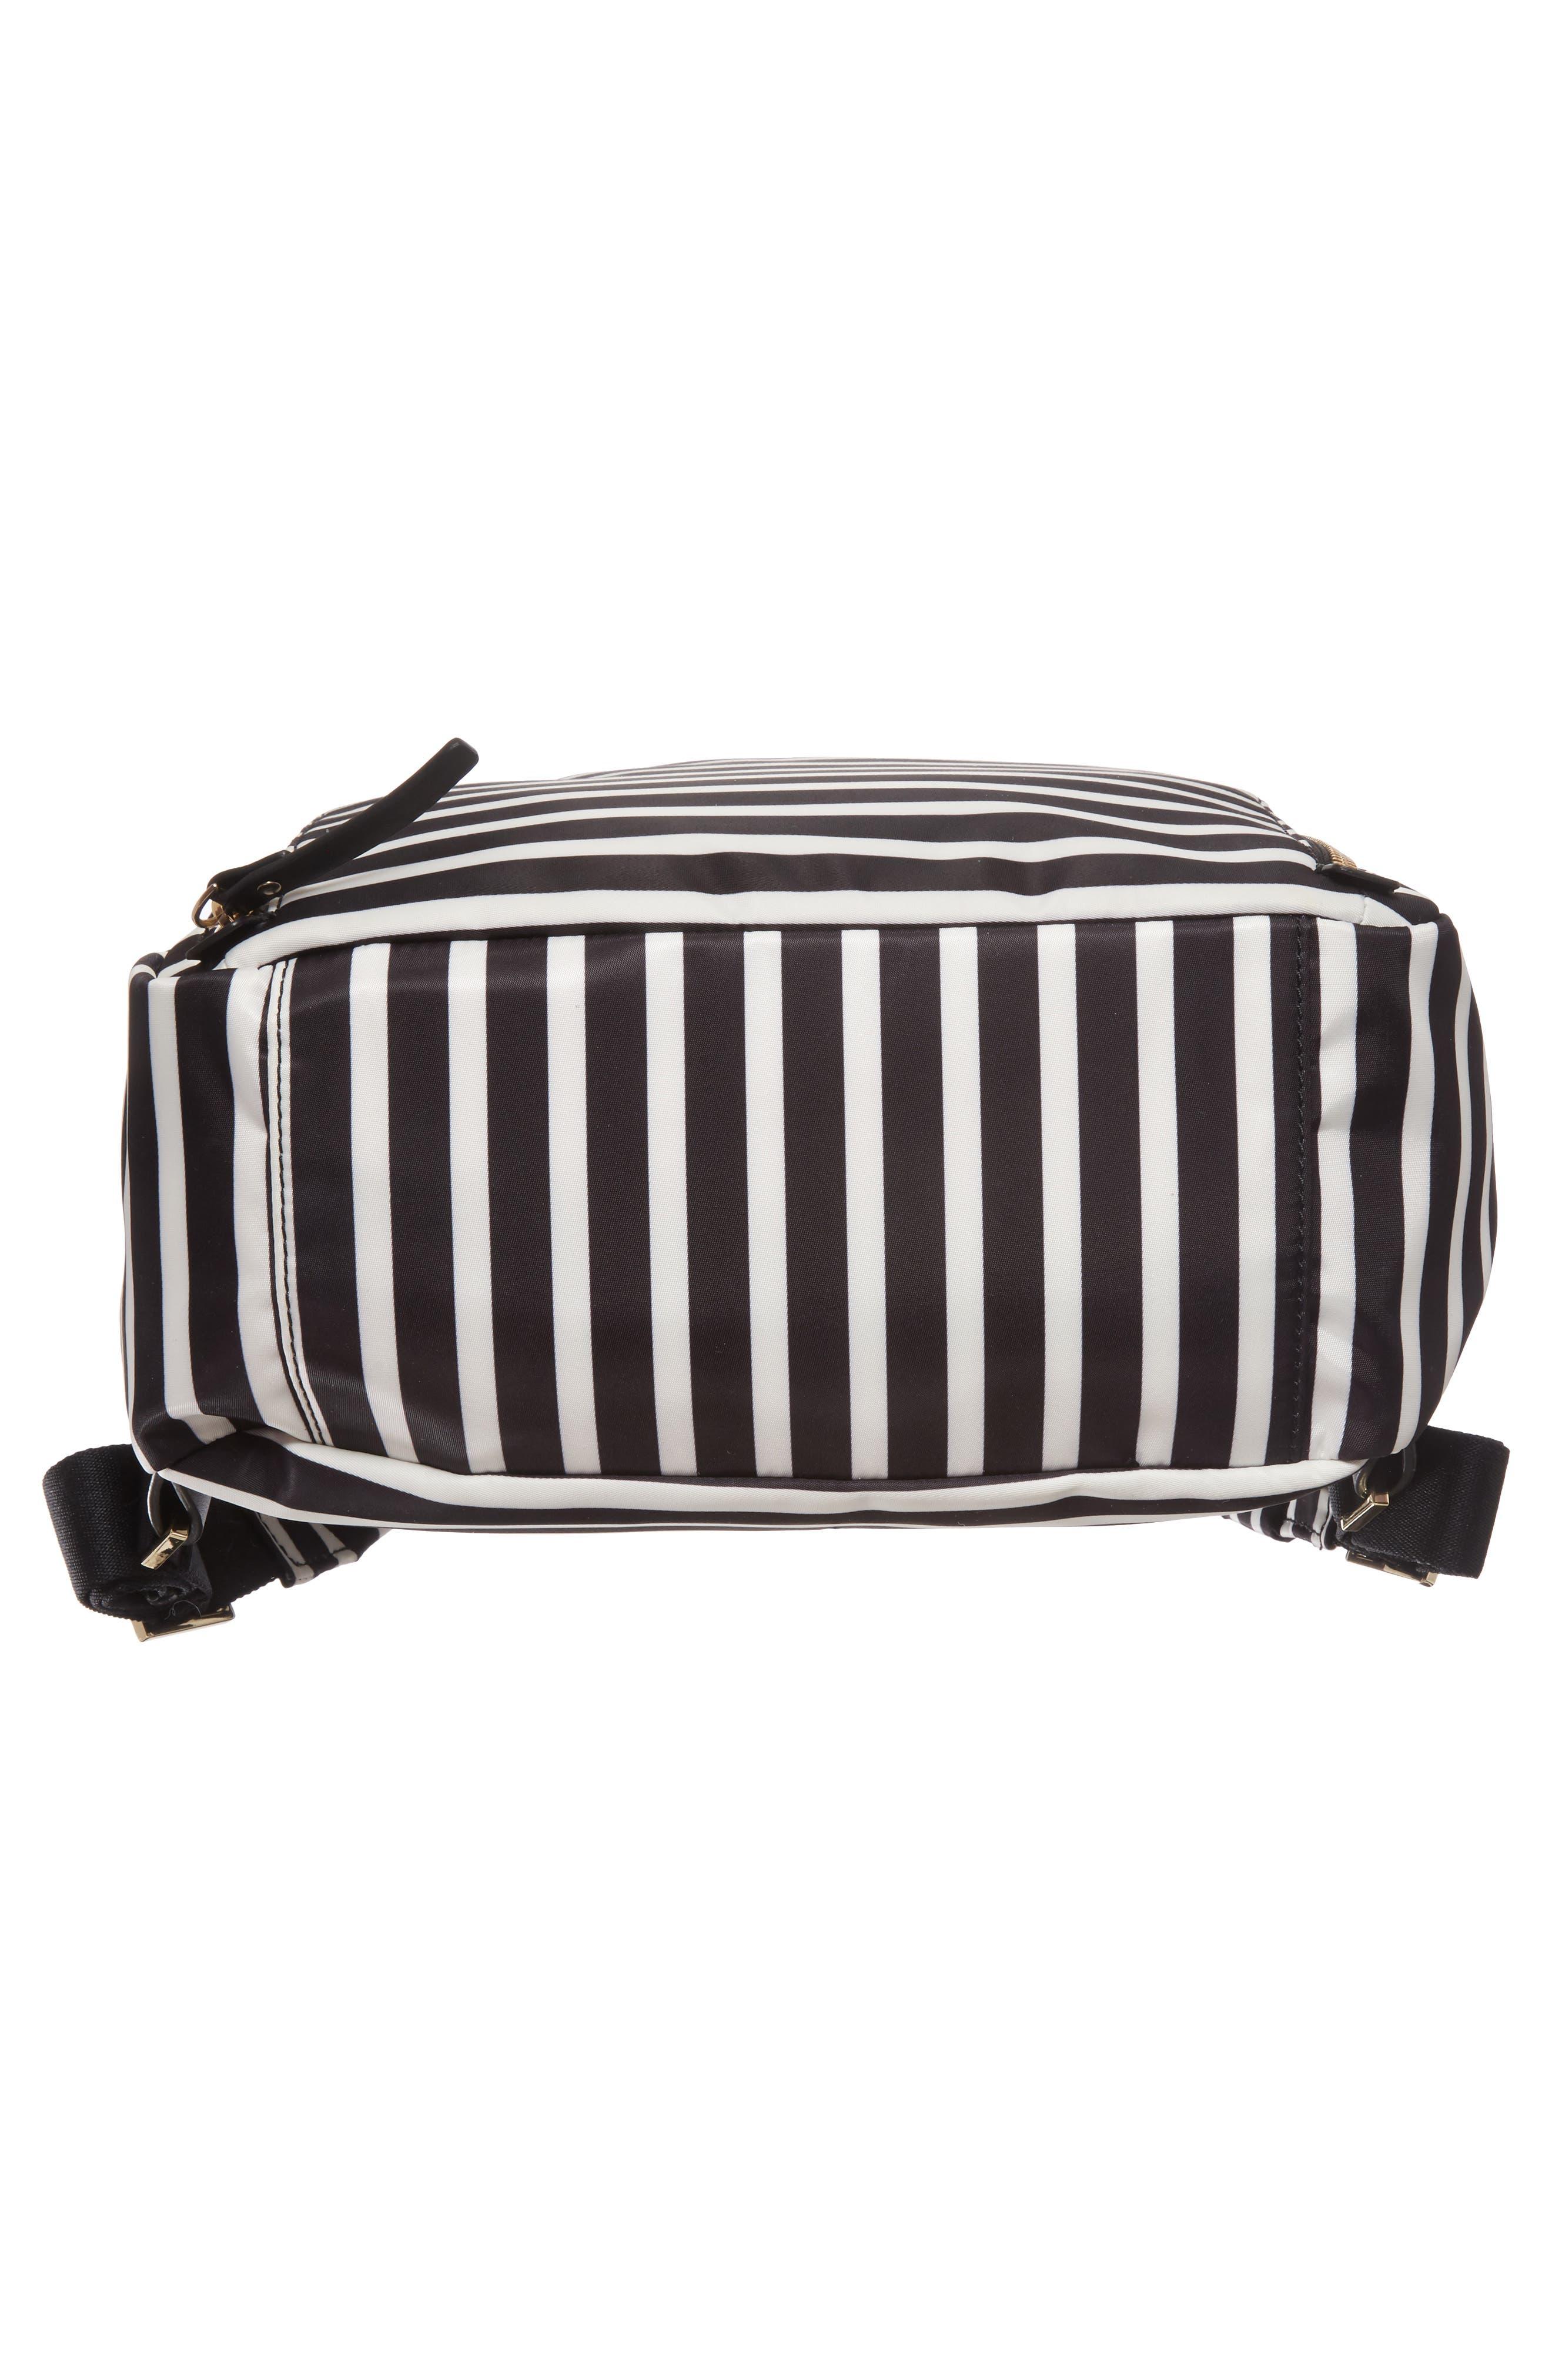 watson lane - hartley nylon backpack,                             Alternate thumbnail 6, color,                             Black/ Clotted Cream